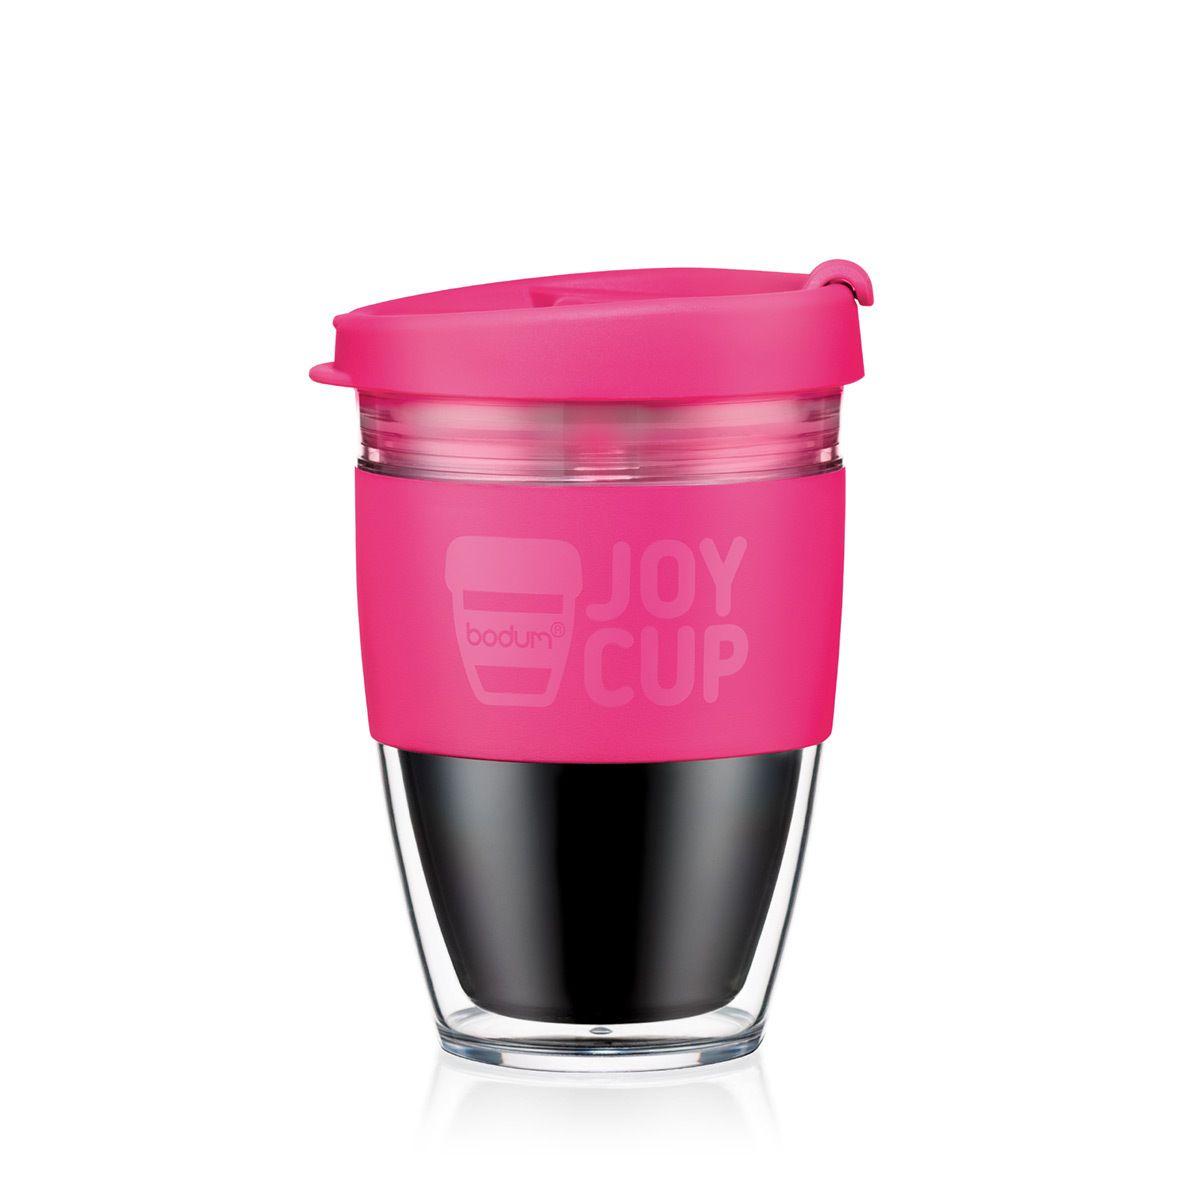 Travel cup - Bodum